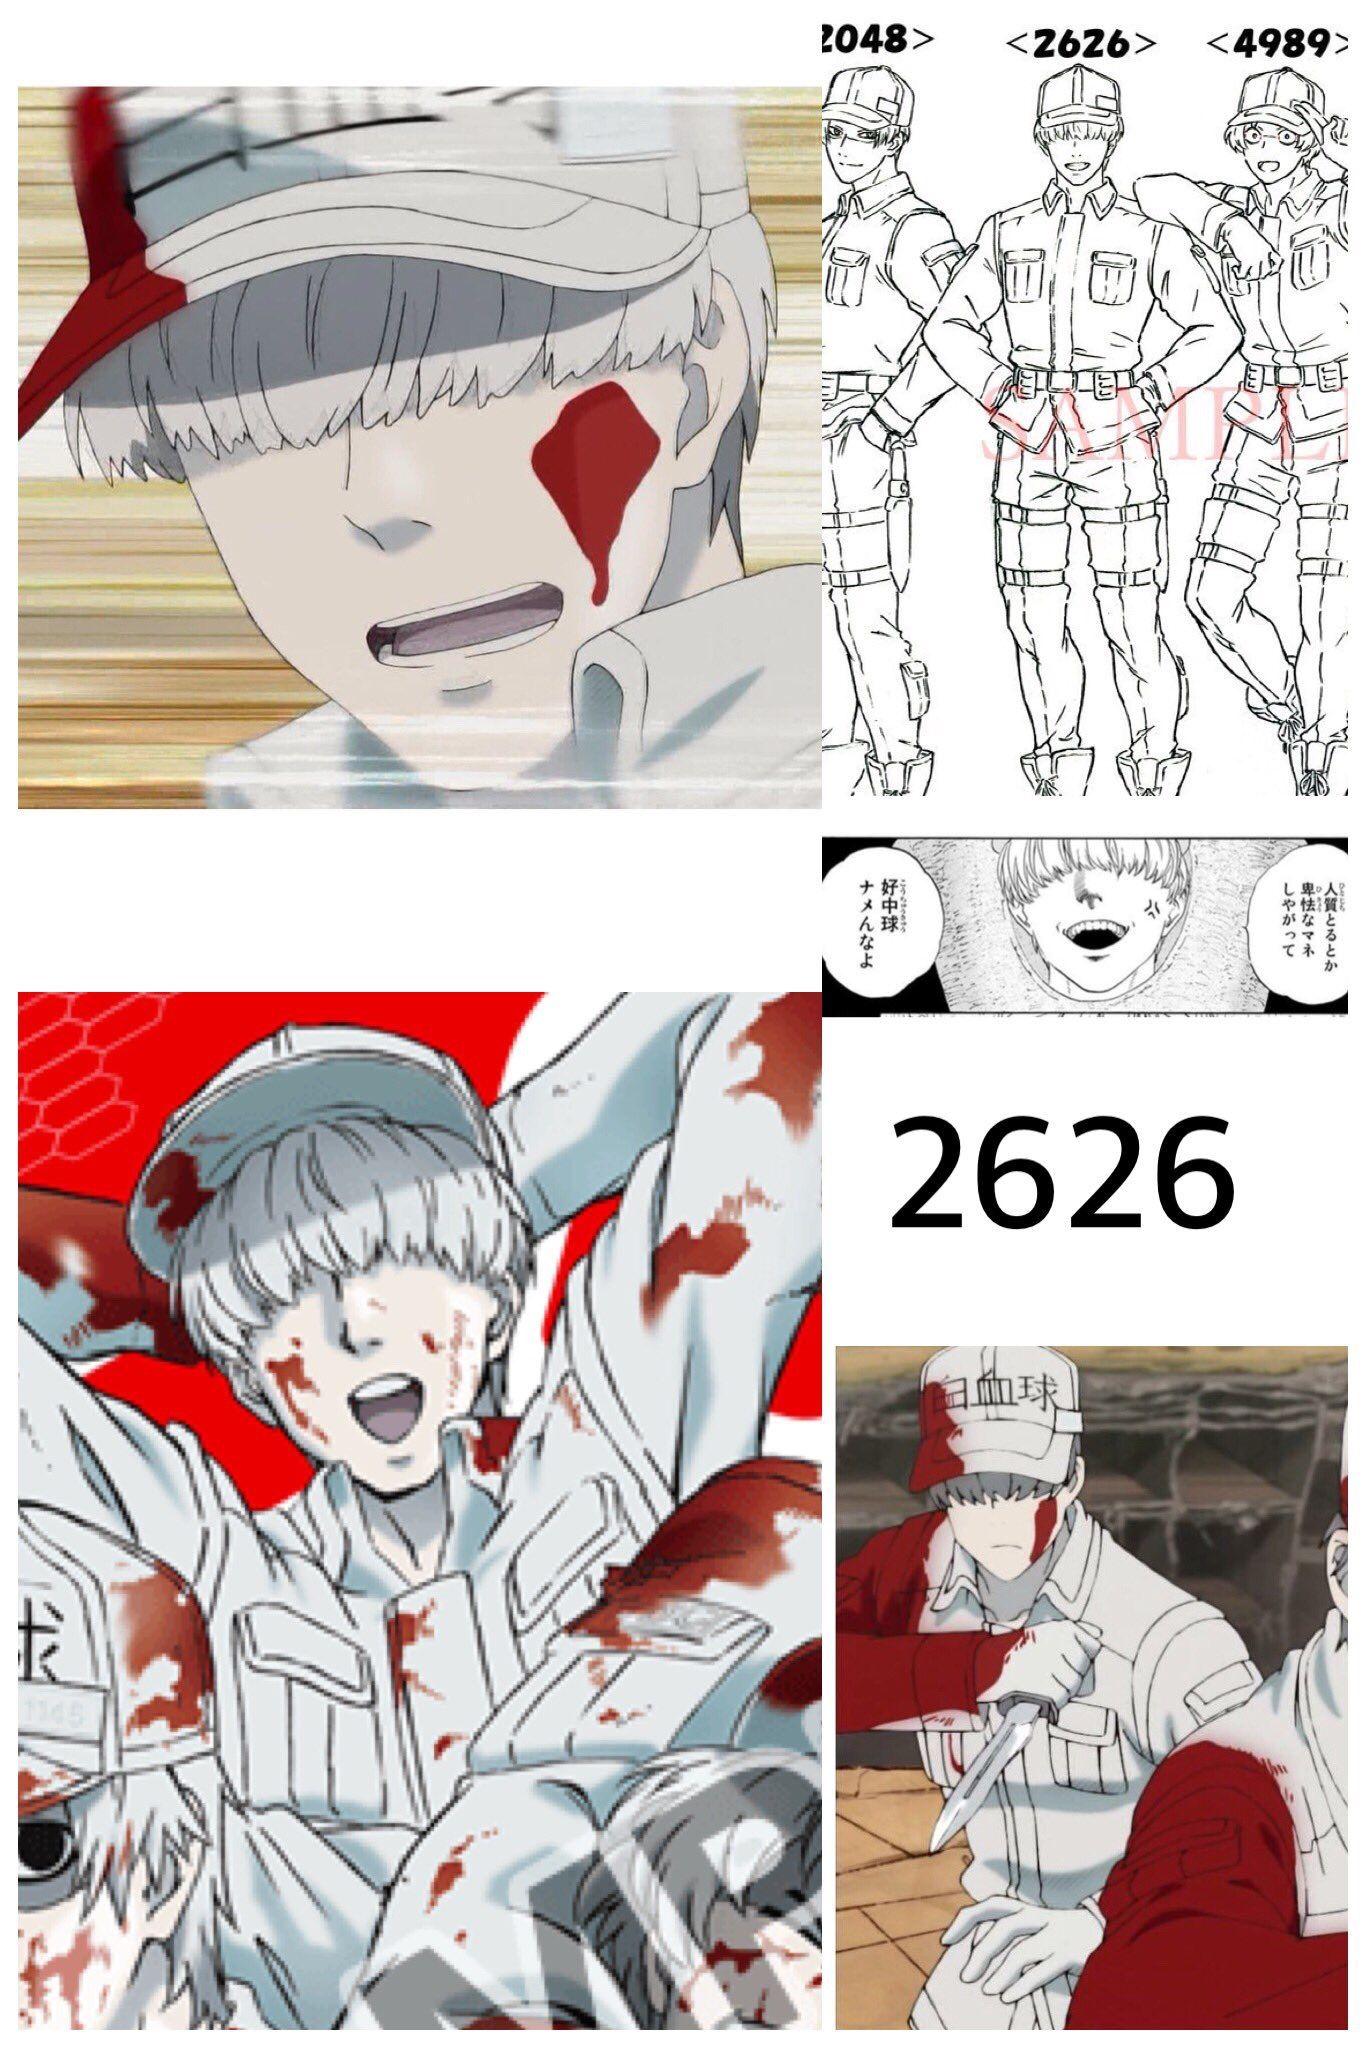 はたらく細胞 白血球 2626